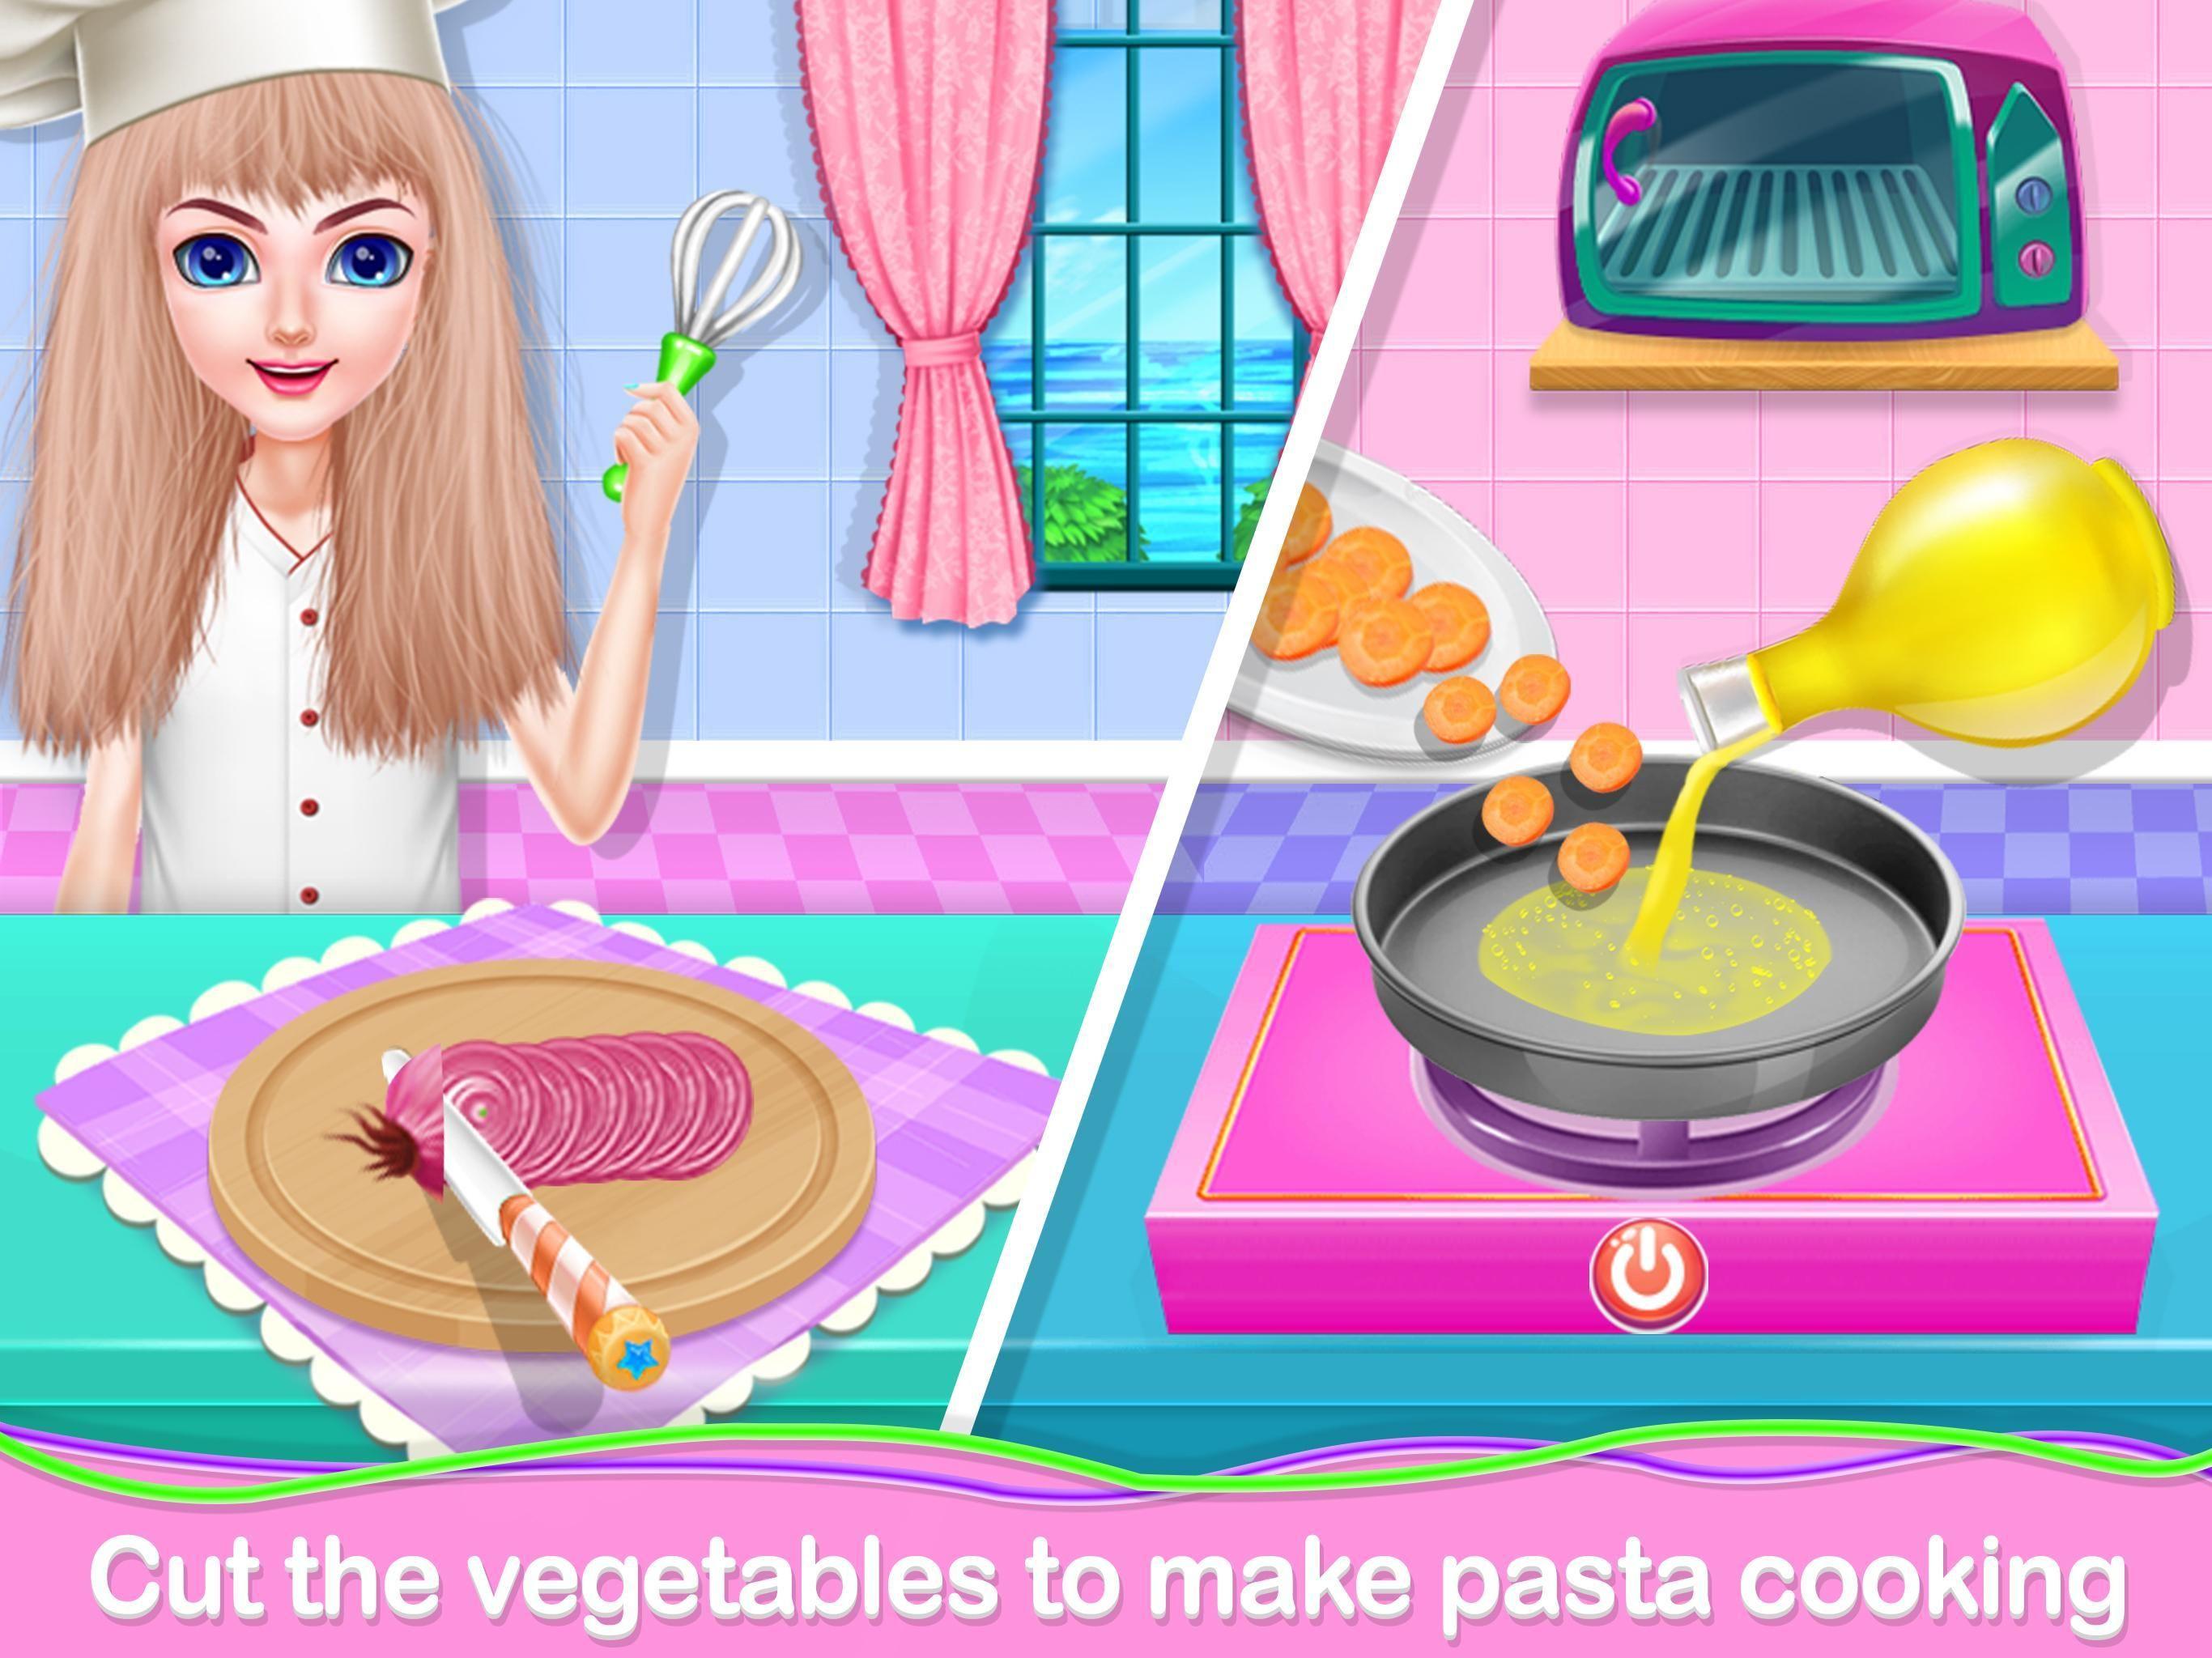 Yemek Yapma Oyun Brokoli Oyunlar